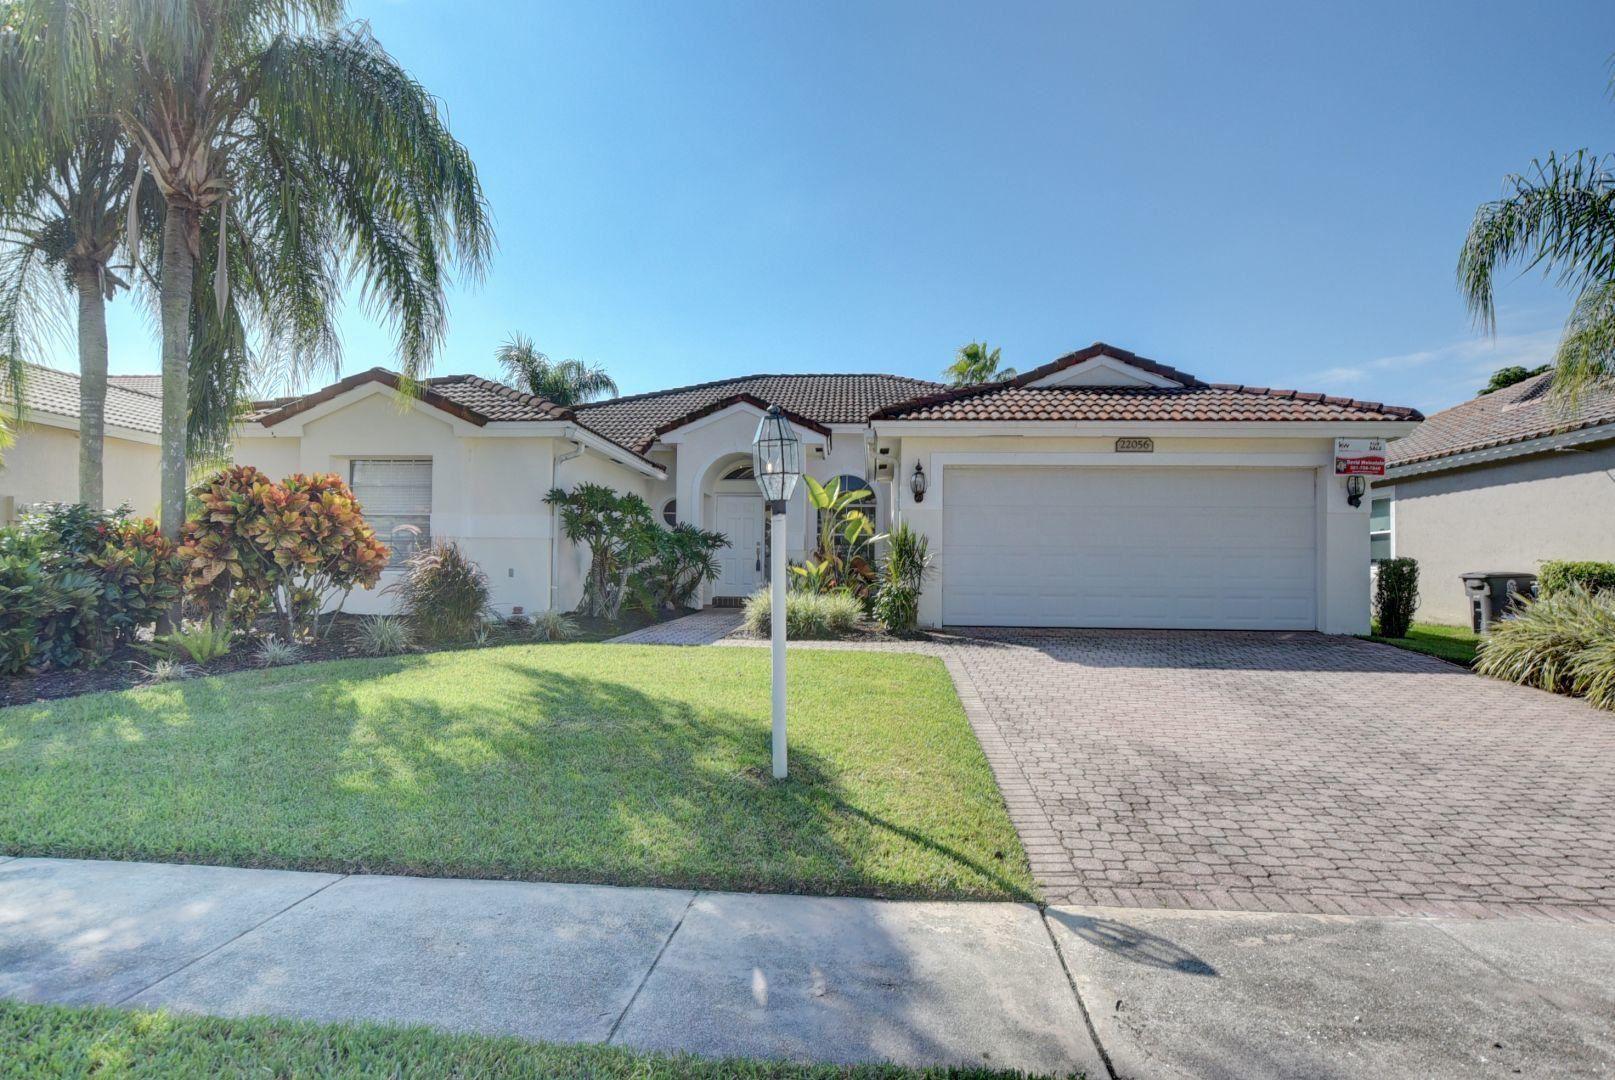 22056 Palm Grass Drive, Boca Raton, FL 33428 - #: RX-10663410